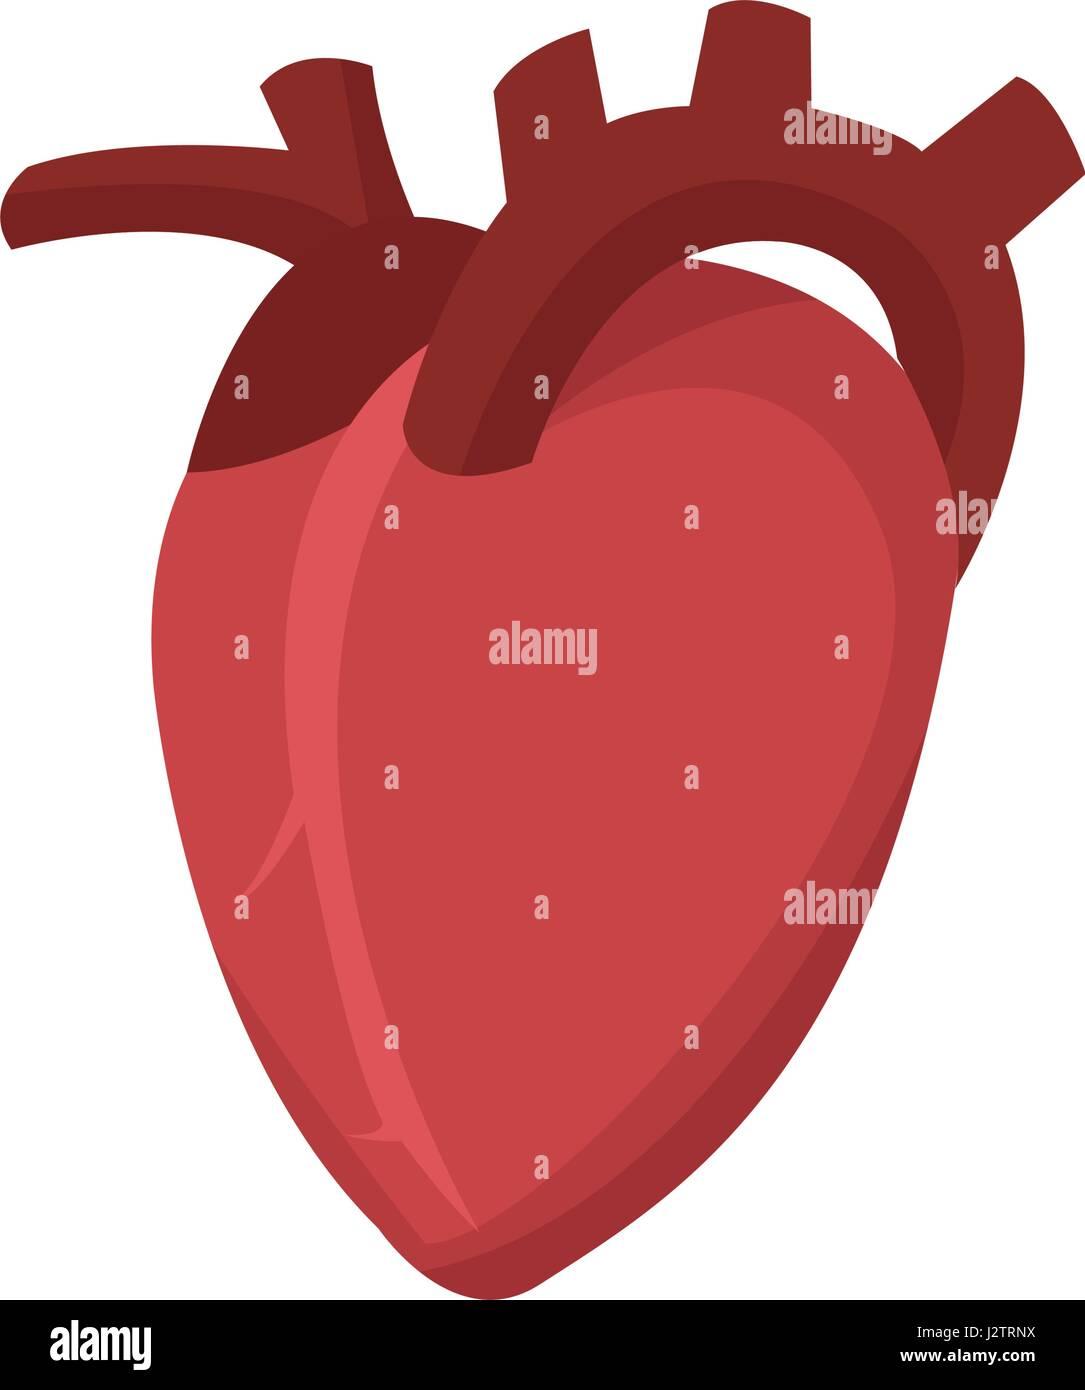 Icono cardio corazón humano sano Imagen De Stock